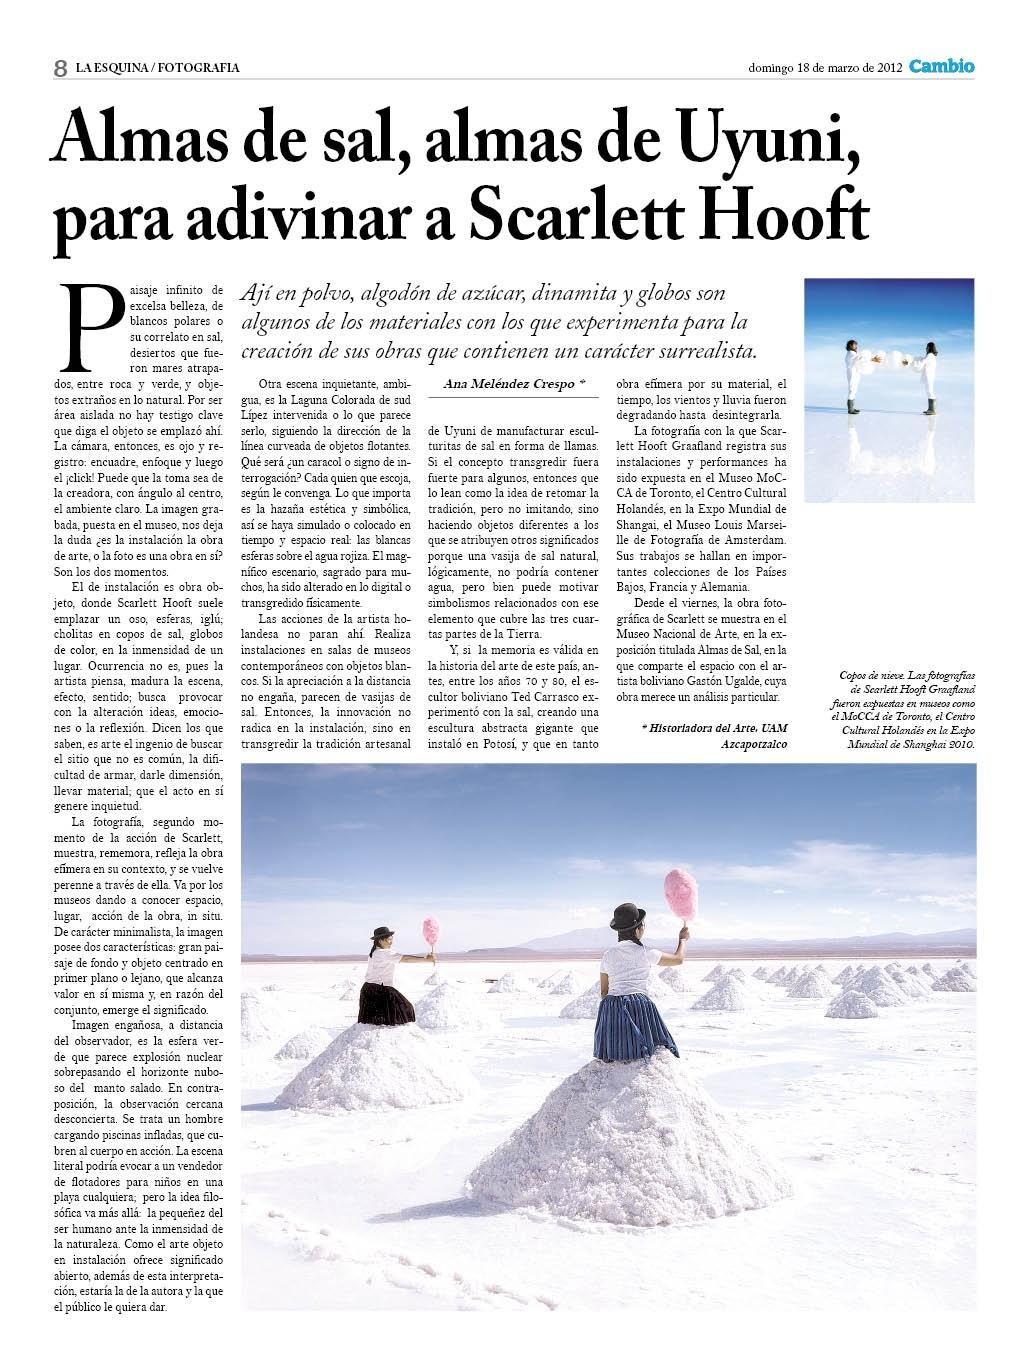 Land Art. Almas de sal, almas de Uyuni, para adivinar a Scarlet Hooft